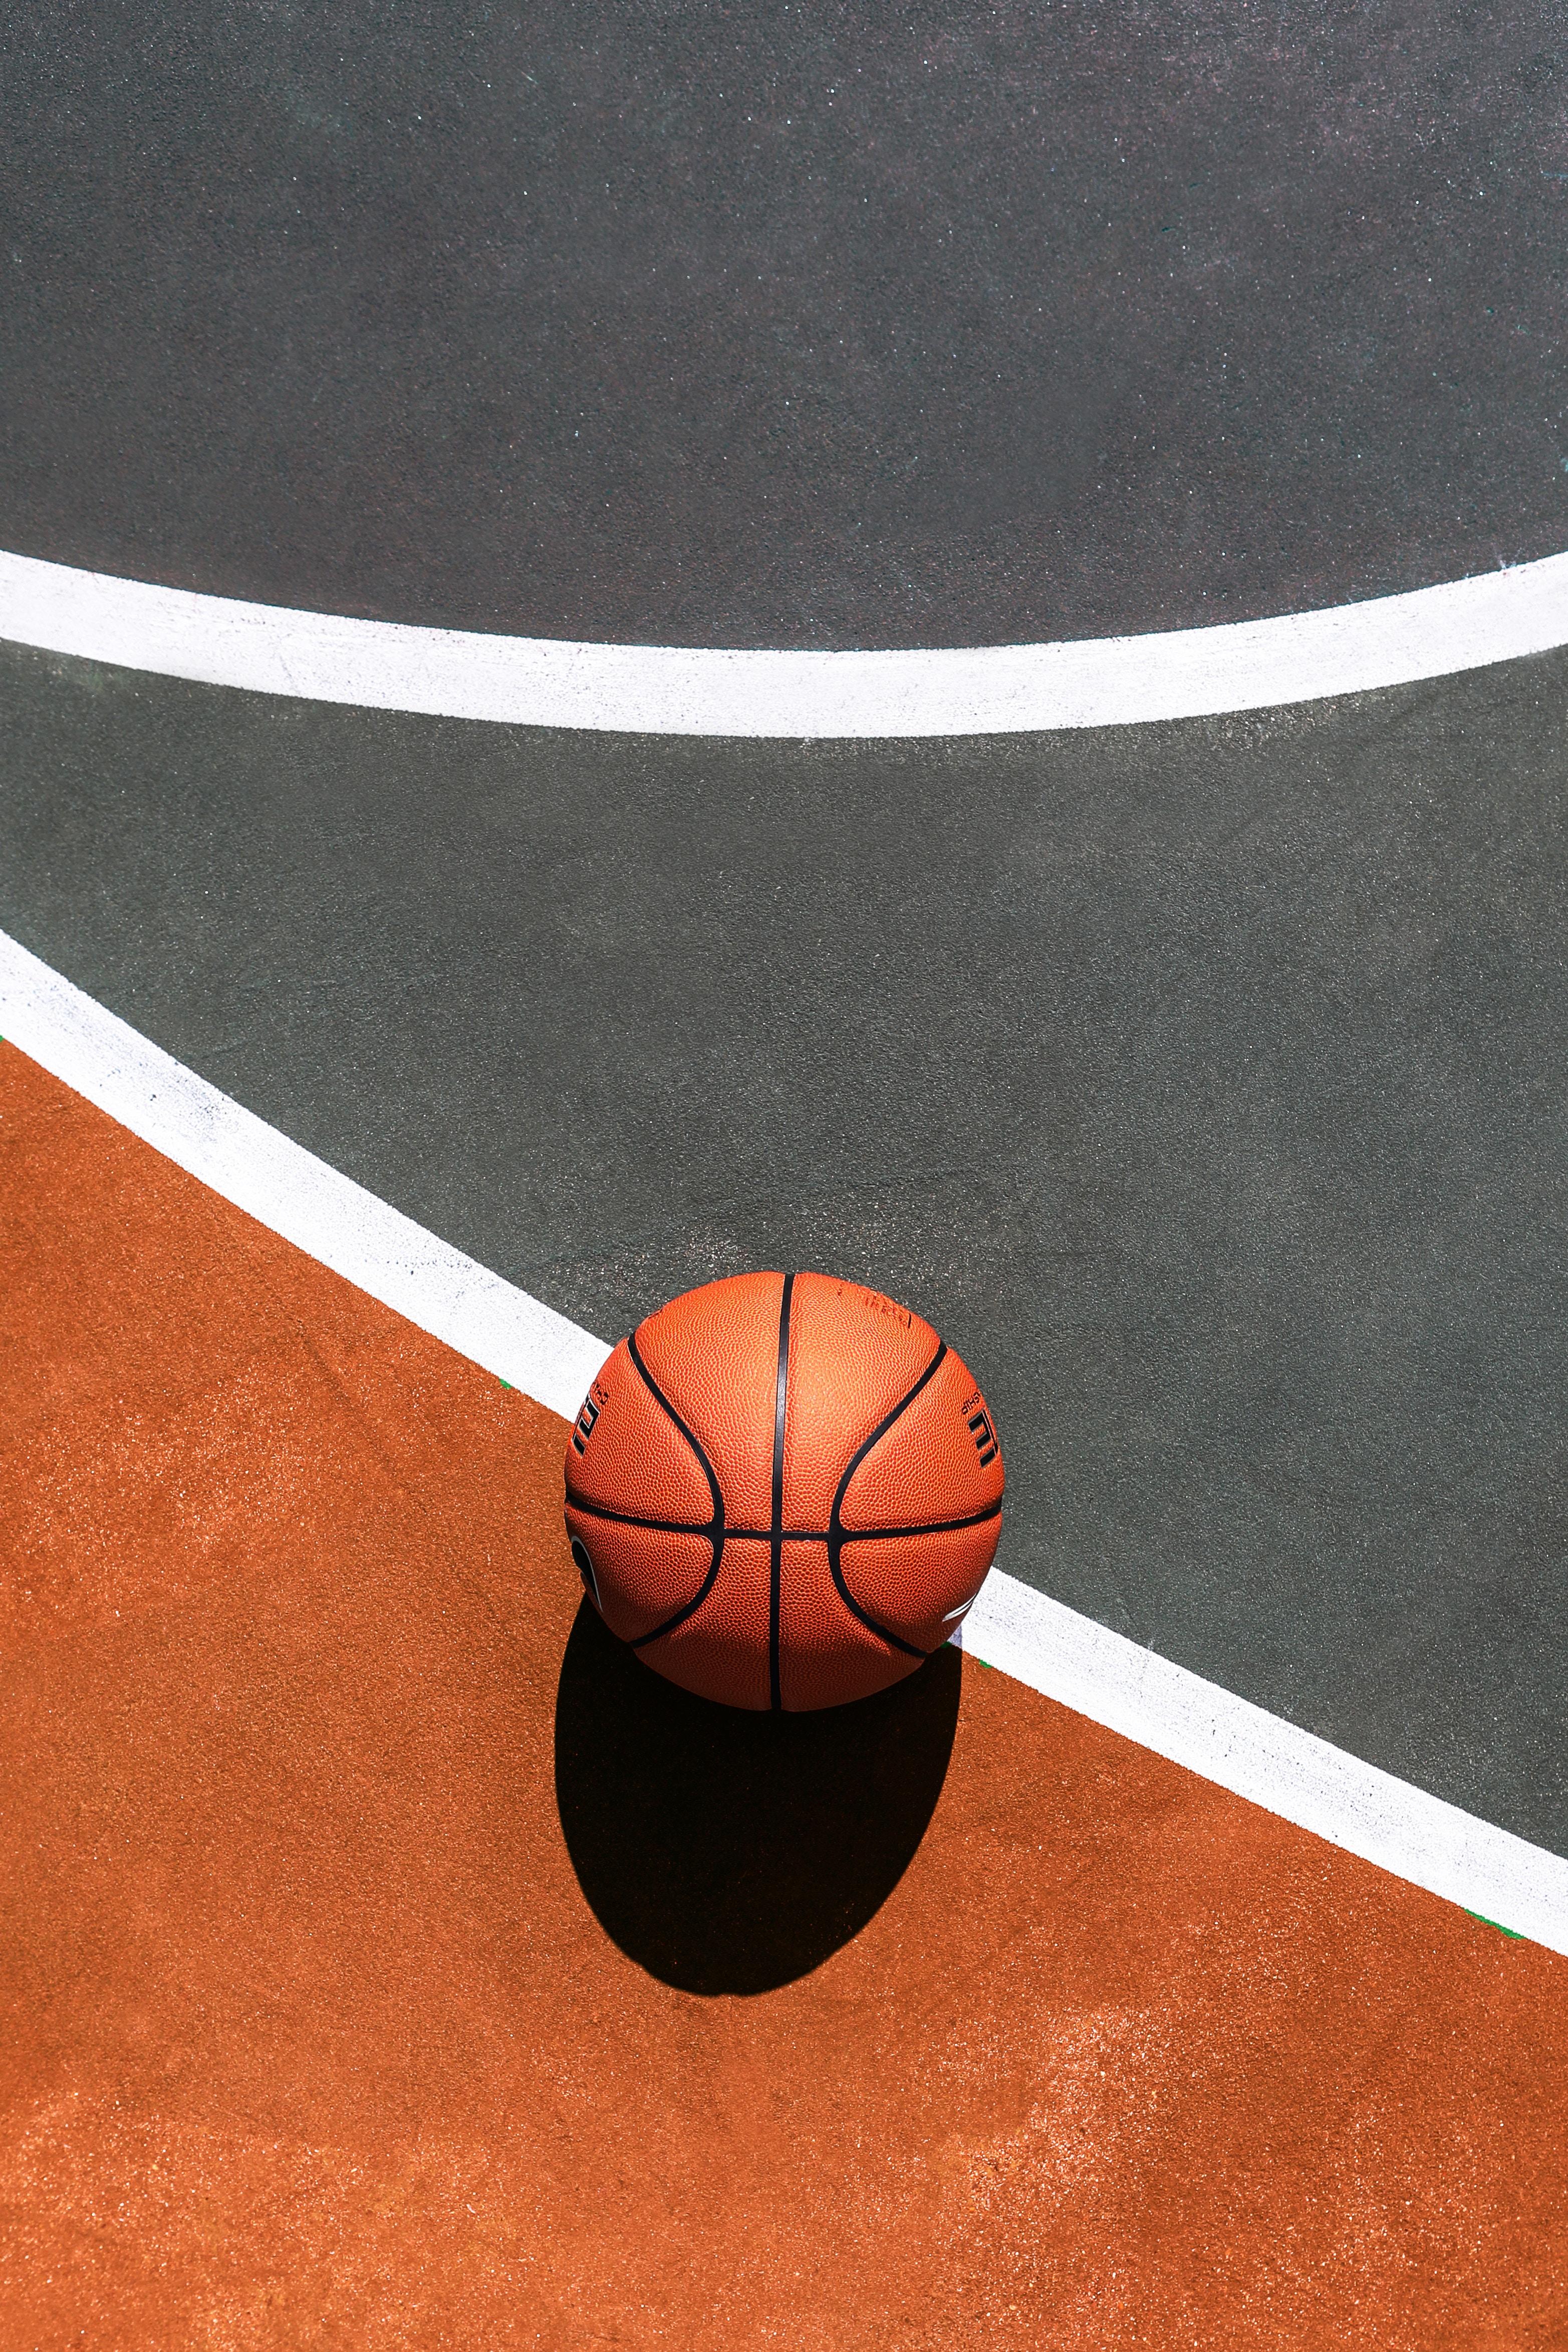 157657 Заставки и Обои Спорт на телефон. Скачать Баскетбол, Спорт, Мяч, Баскетбольное Поле картинки бесплатно